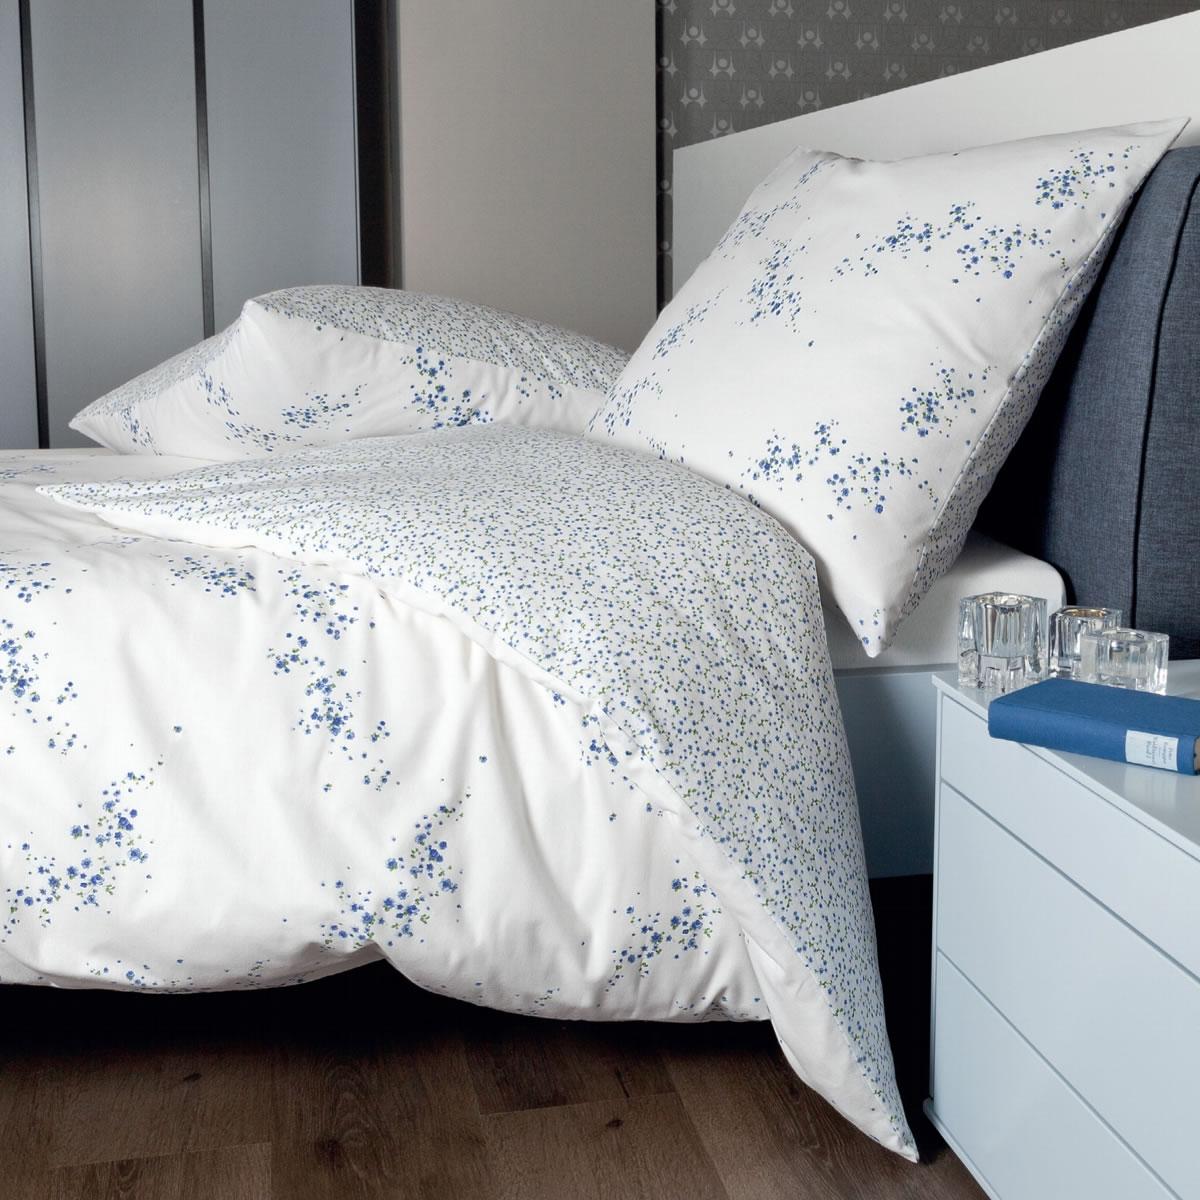 Janine Fein Biber Wende Bettwäsche Davos 65040 02 Blau Weiß Blumen